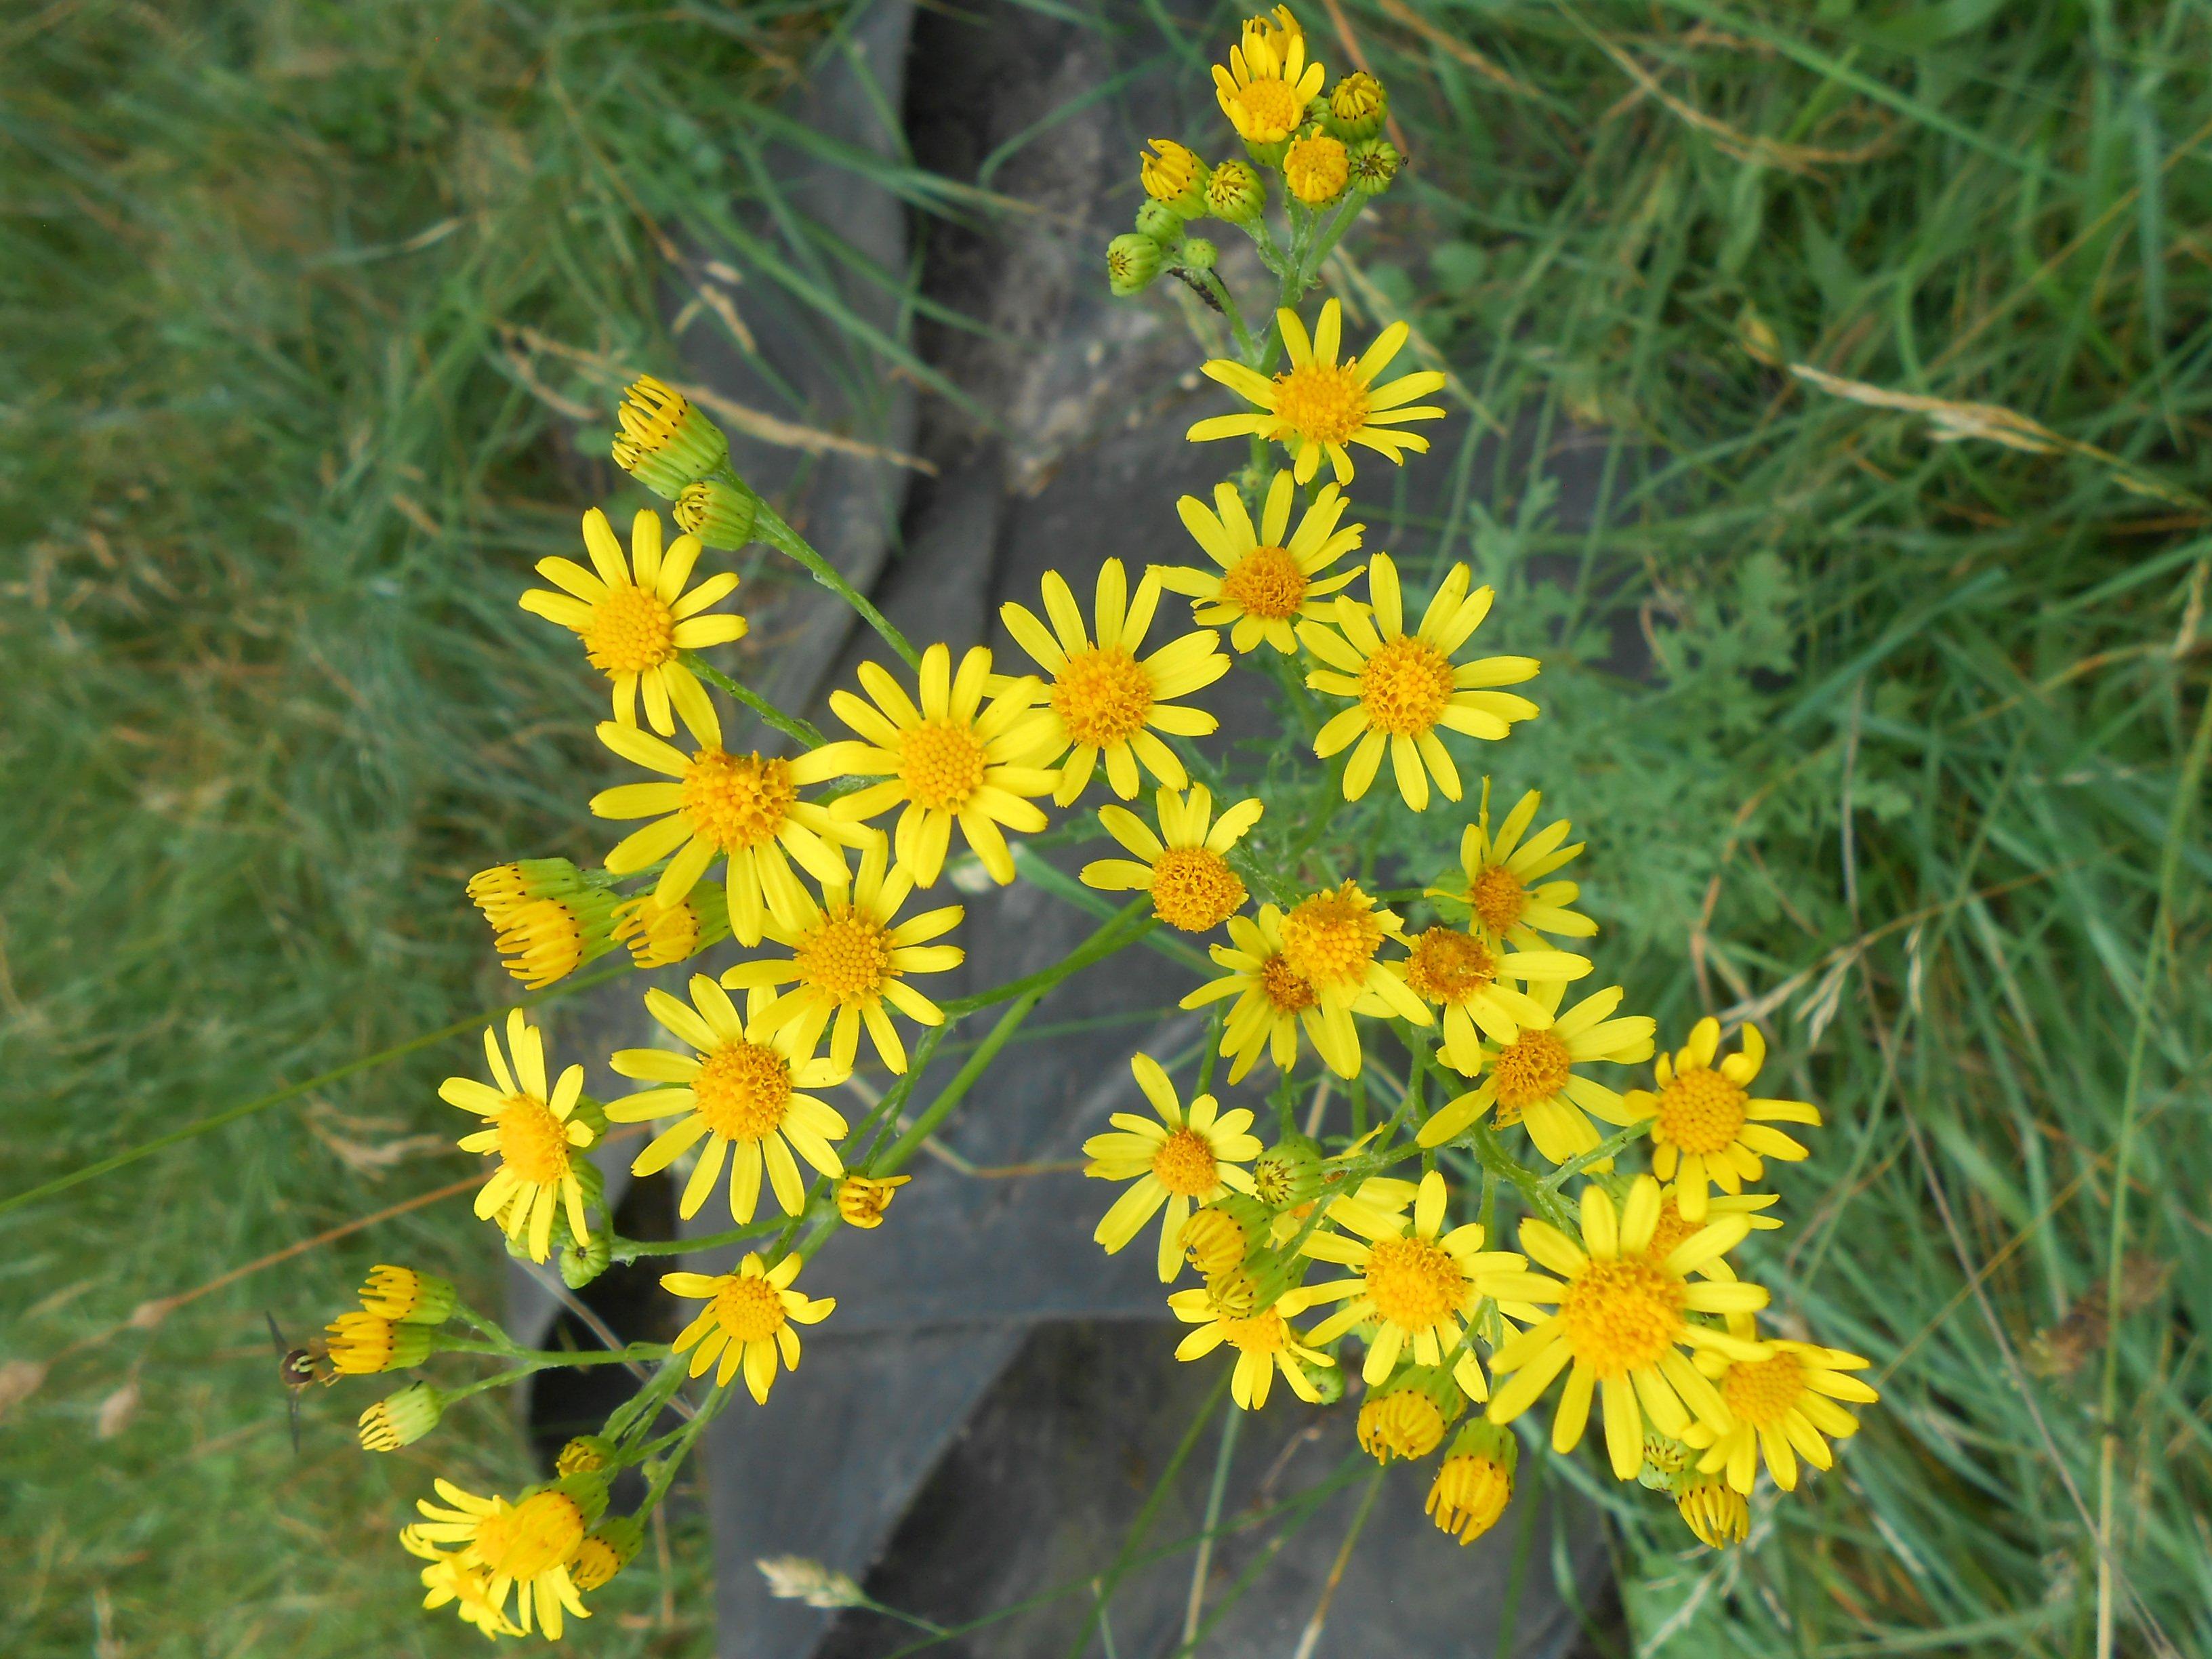 Juin un de mes mois pr f r s pour observer les fleurs du for Jardin soleil